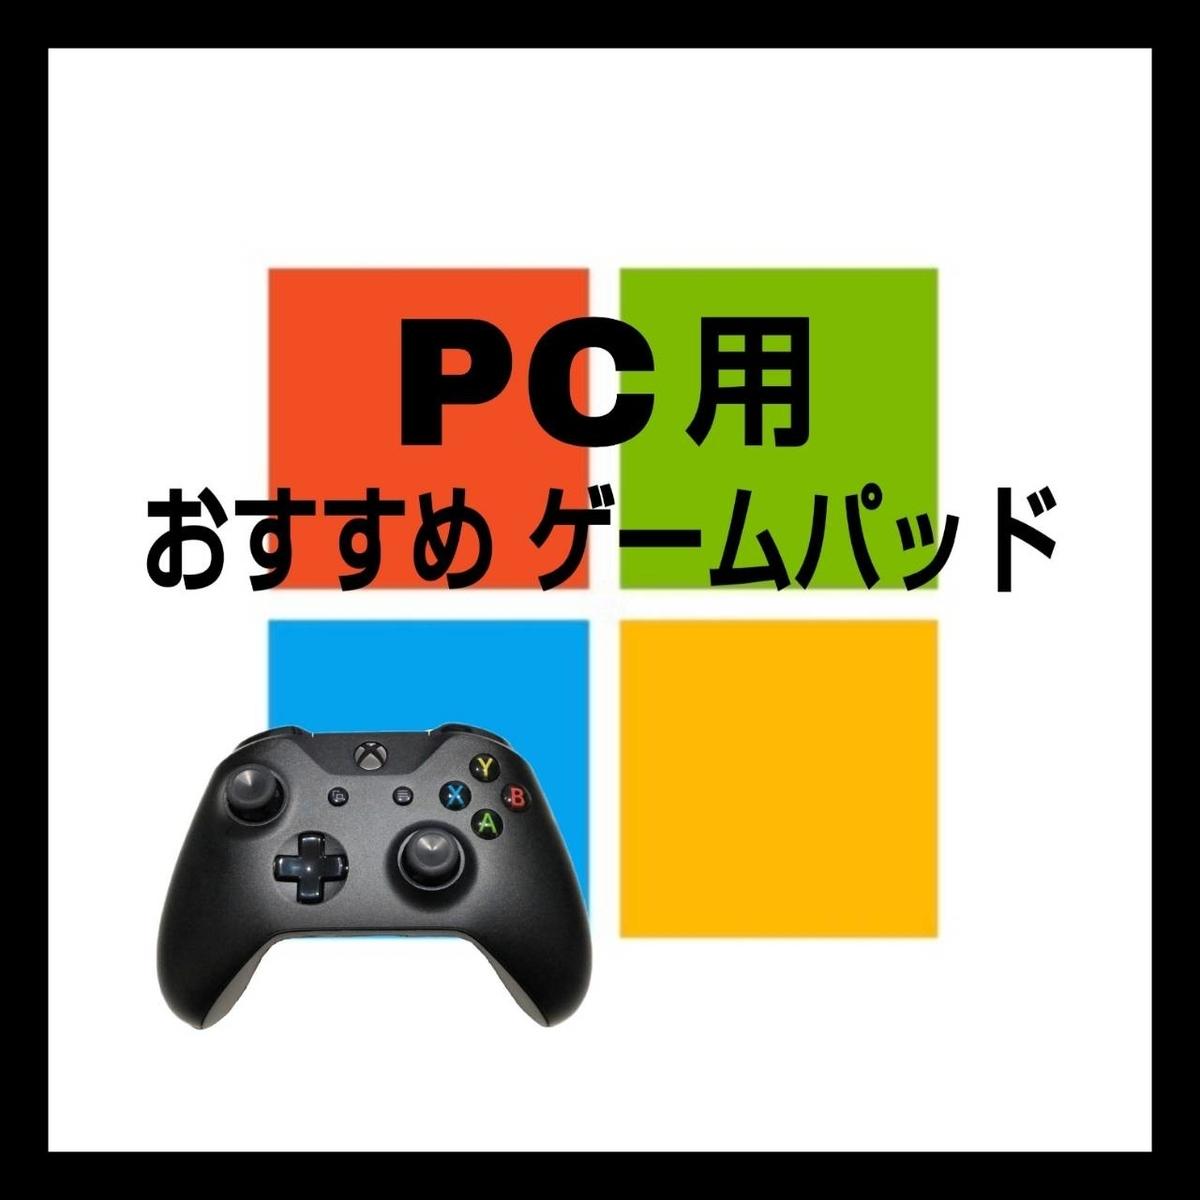 おすすめ!PC用ゲームパッド 説明 選び方 LIFE